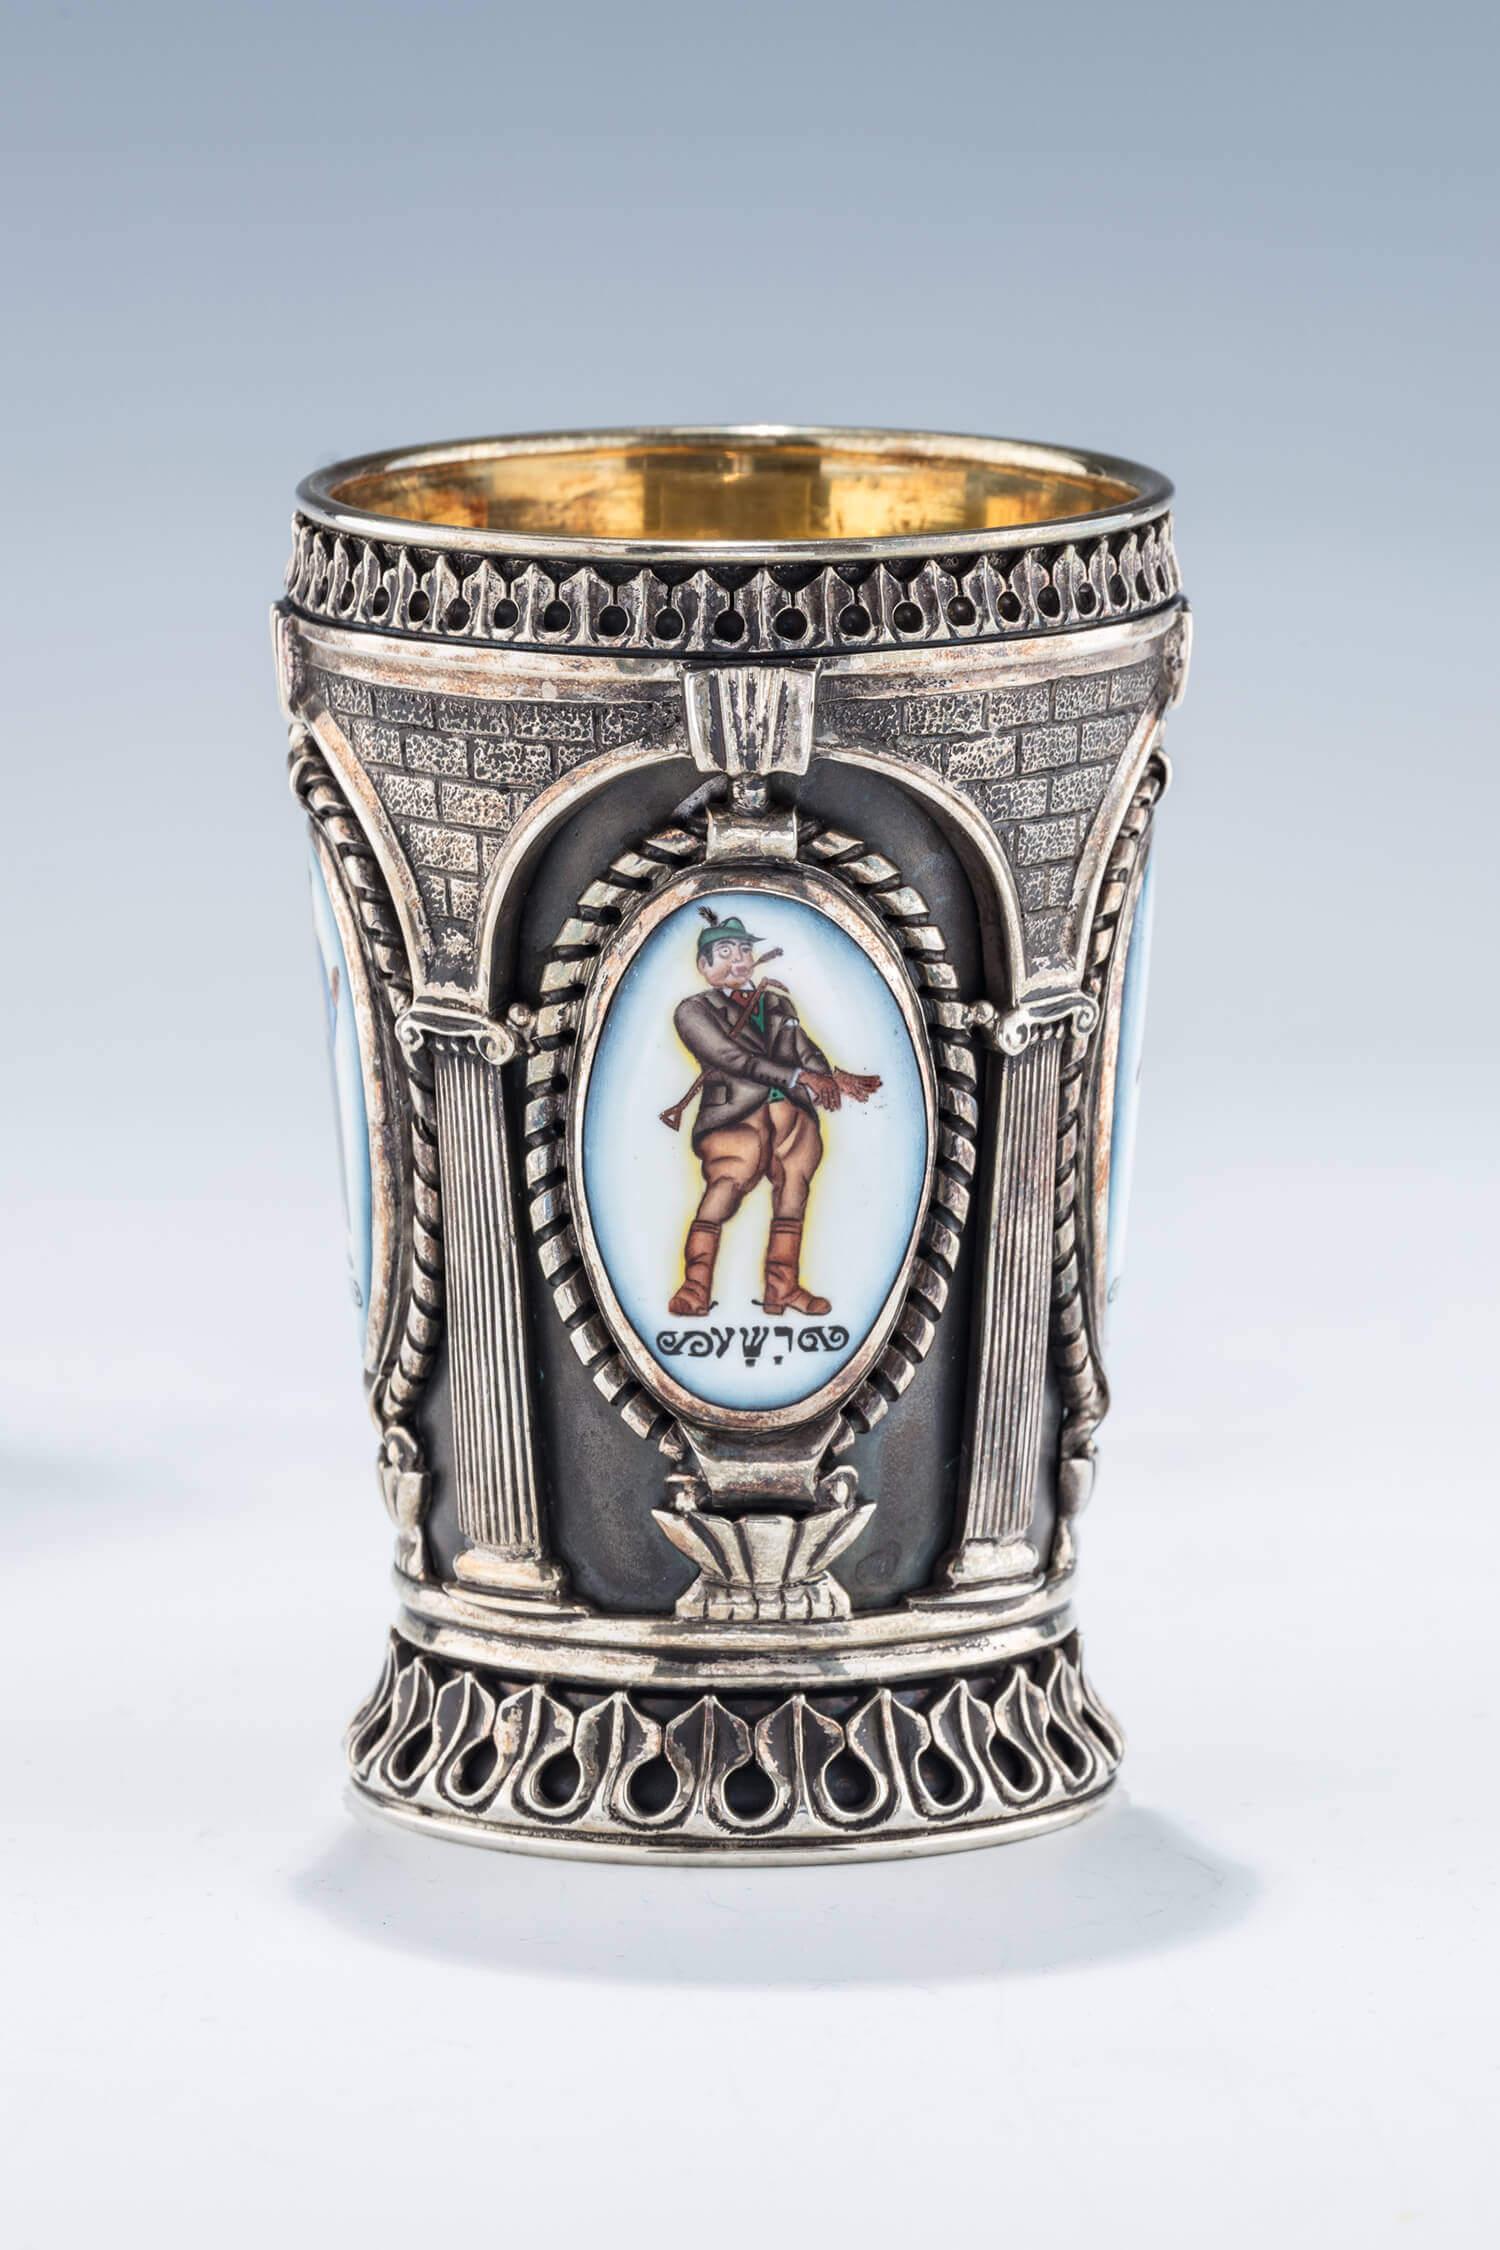 134. A STERLING SILVER KIDDUSH CUP DESIGNED BY EZRA LANDAU